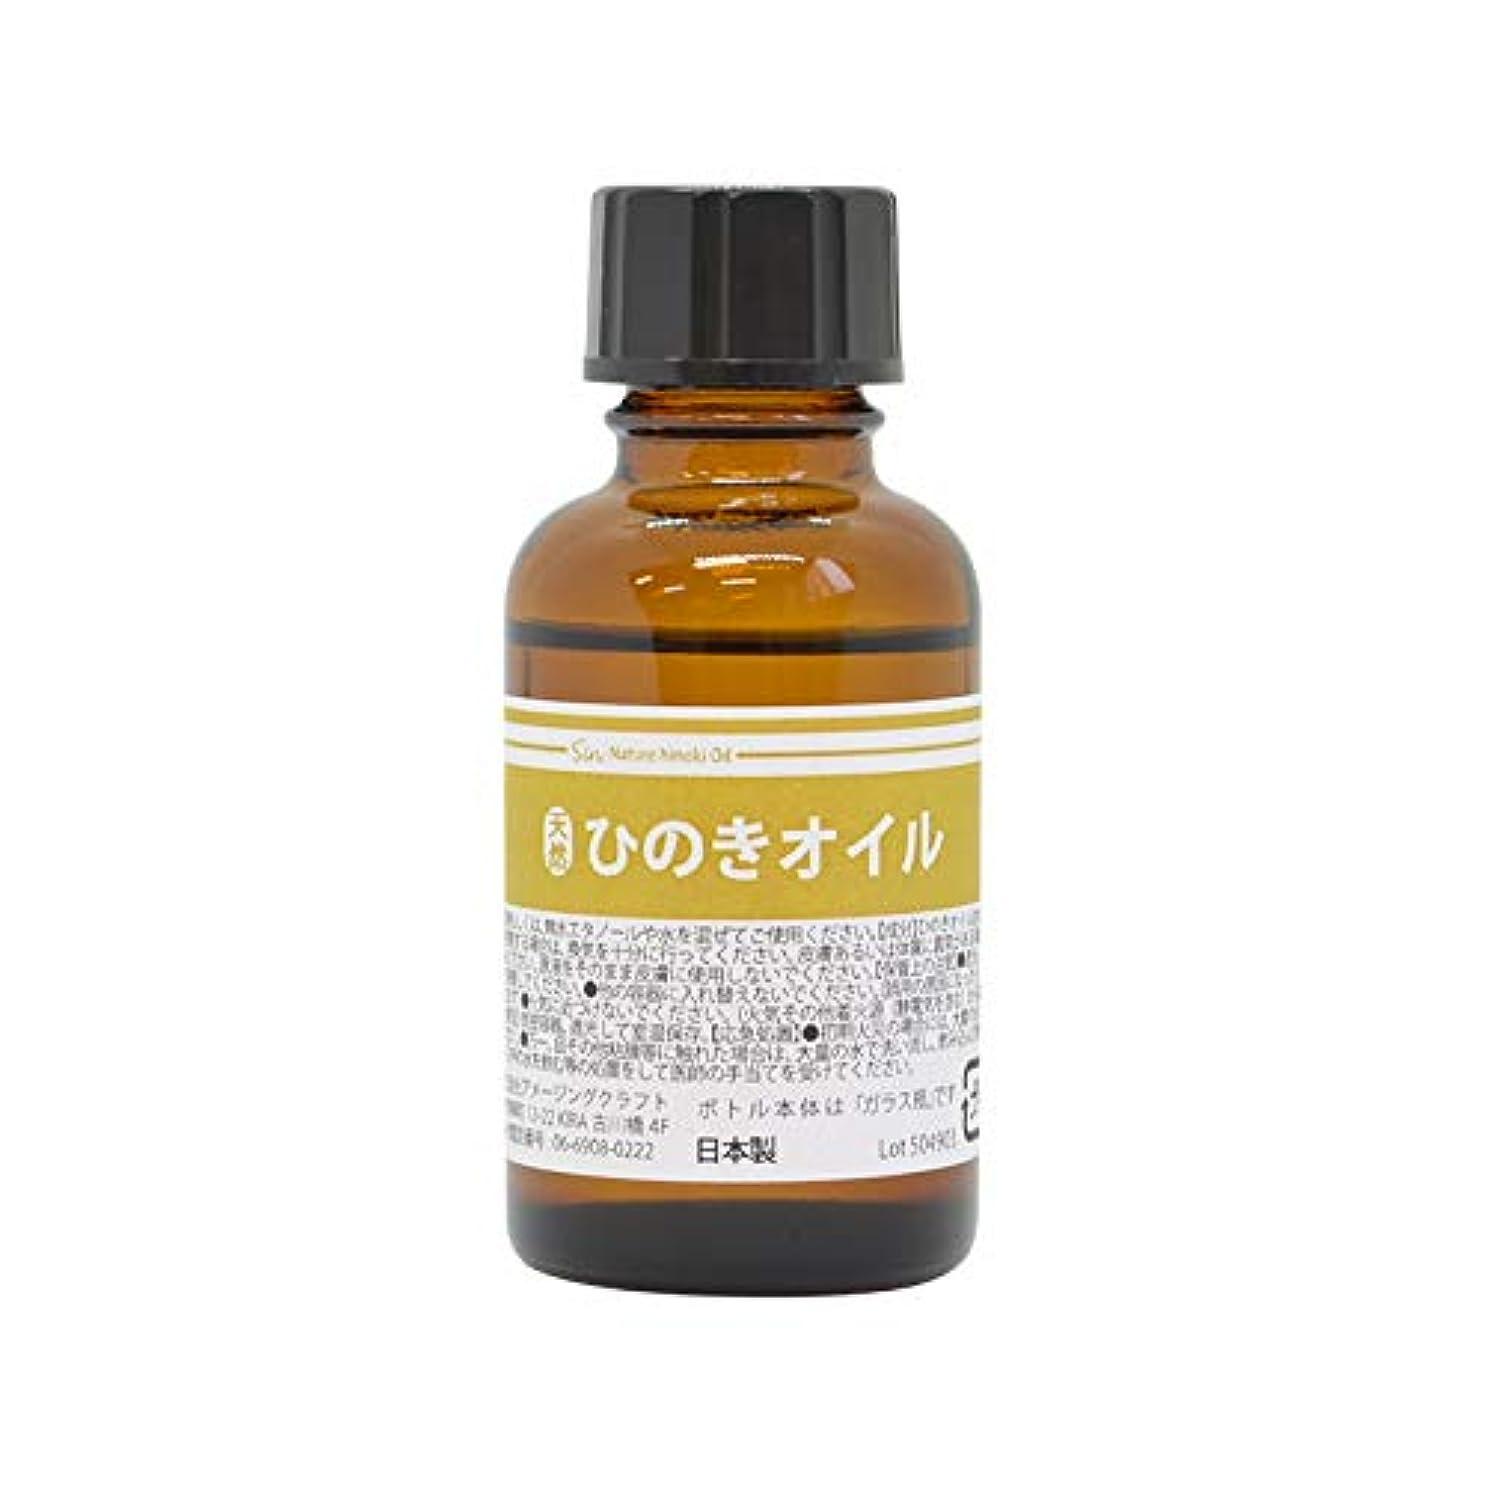 天然100% 国産 ひのき オイル 30ml アロマオイル ヒノキオイル